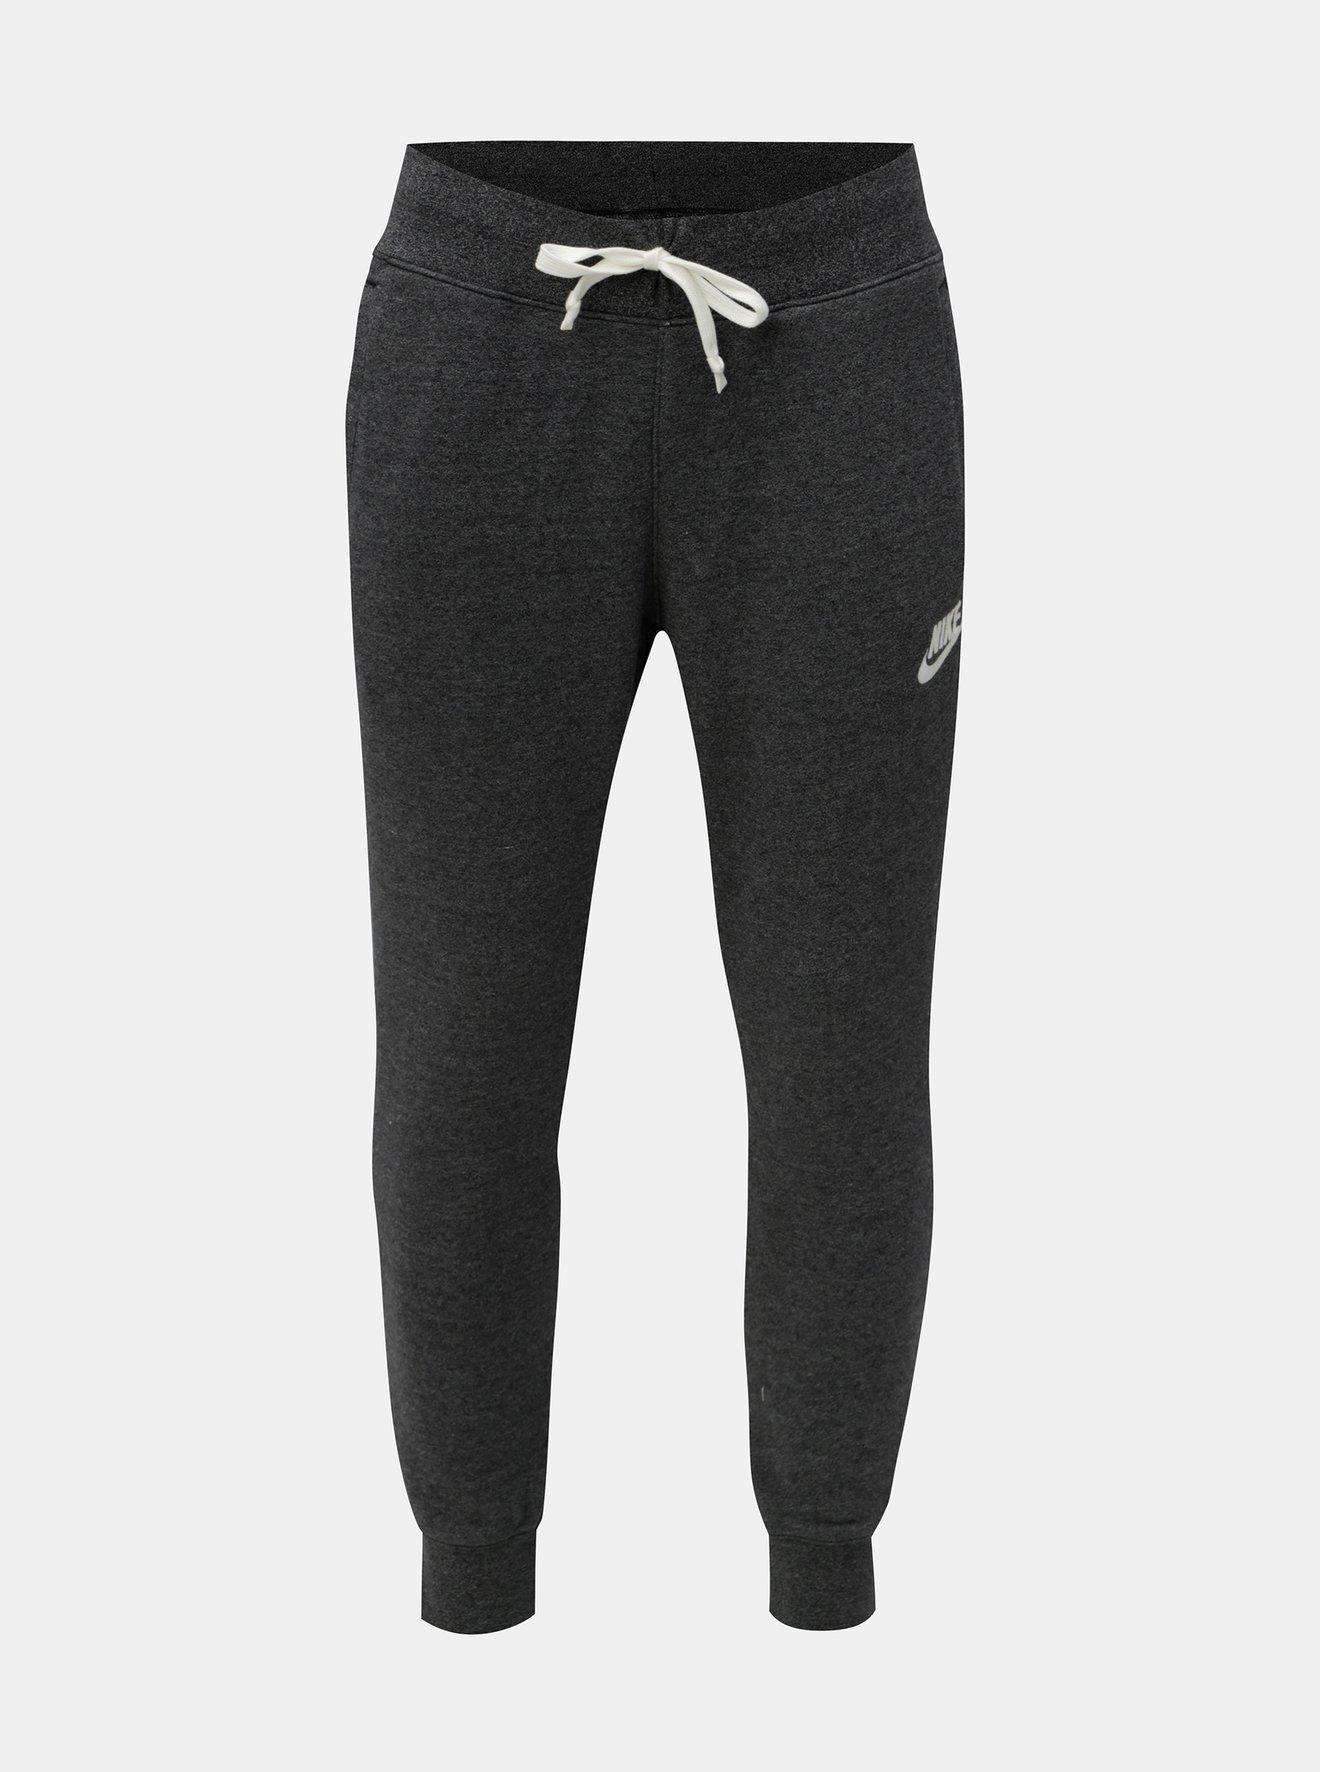 Tmavě šedé pánské žíhané tepláky s kapsami Nike Heritage